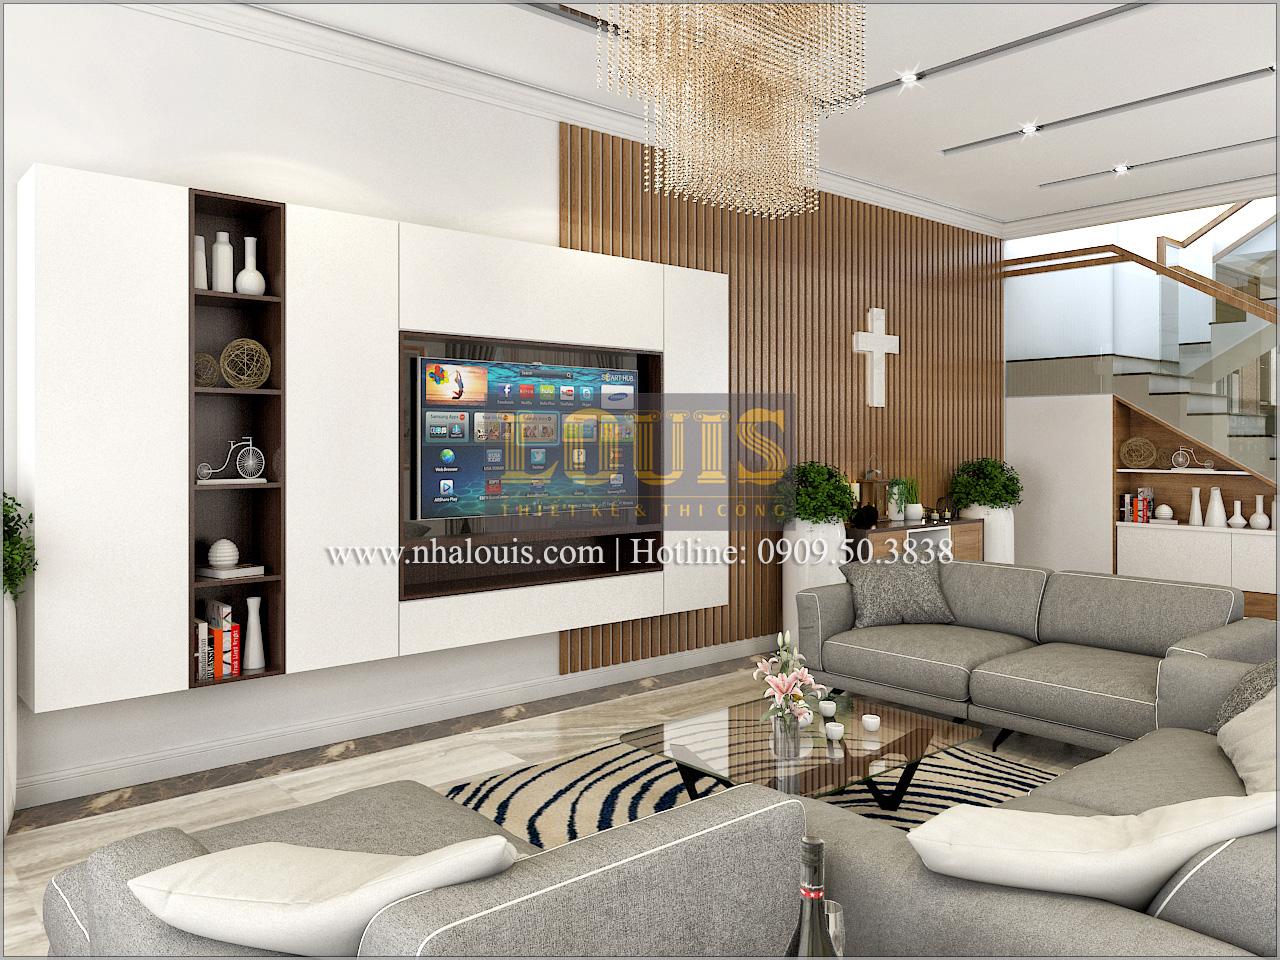 Thiết kế biệt thự cổ điển kết hợp kinh doanh tại Đồng Nai diễm lệ và kiêu sa - 07